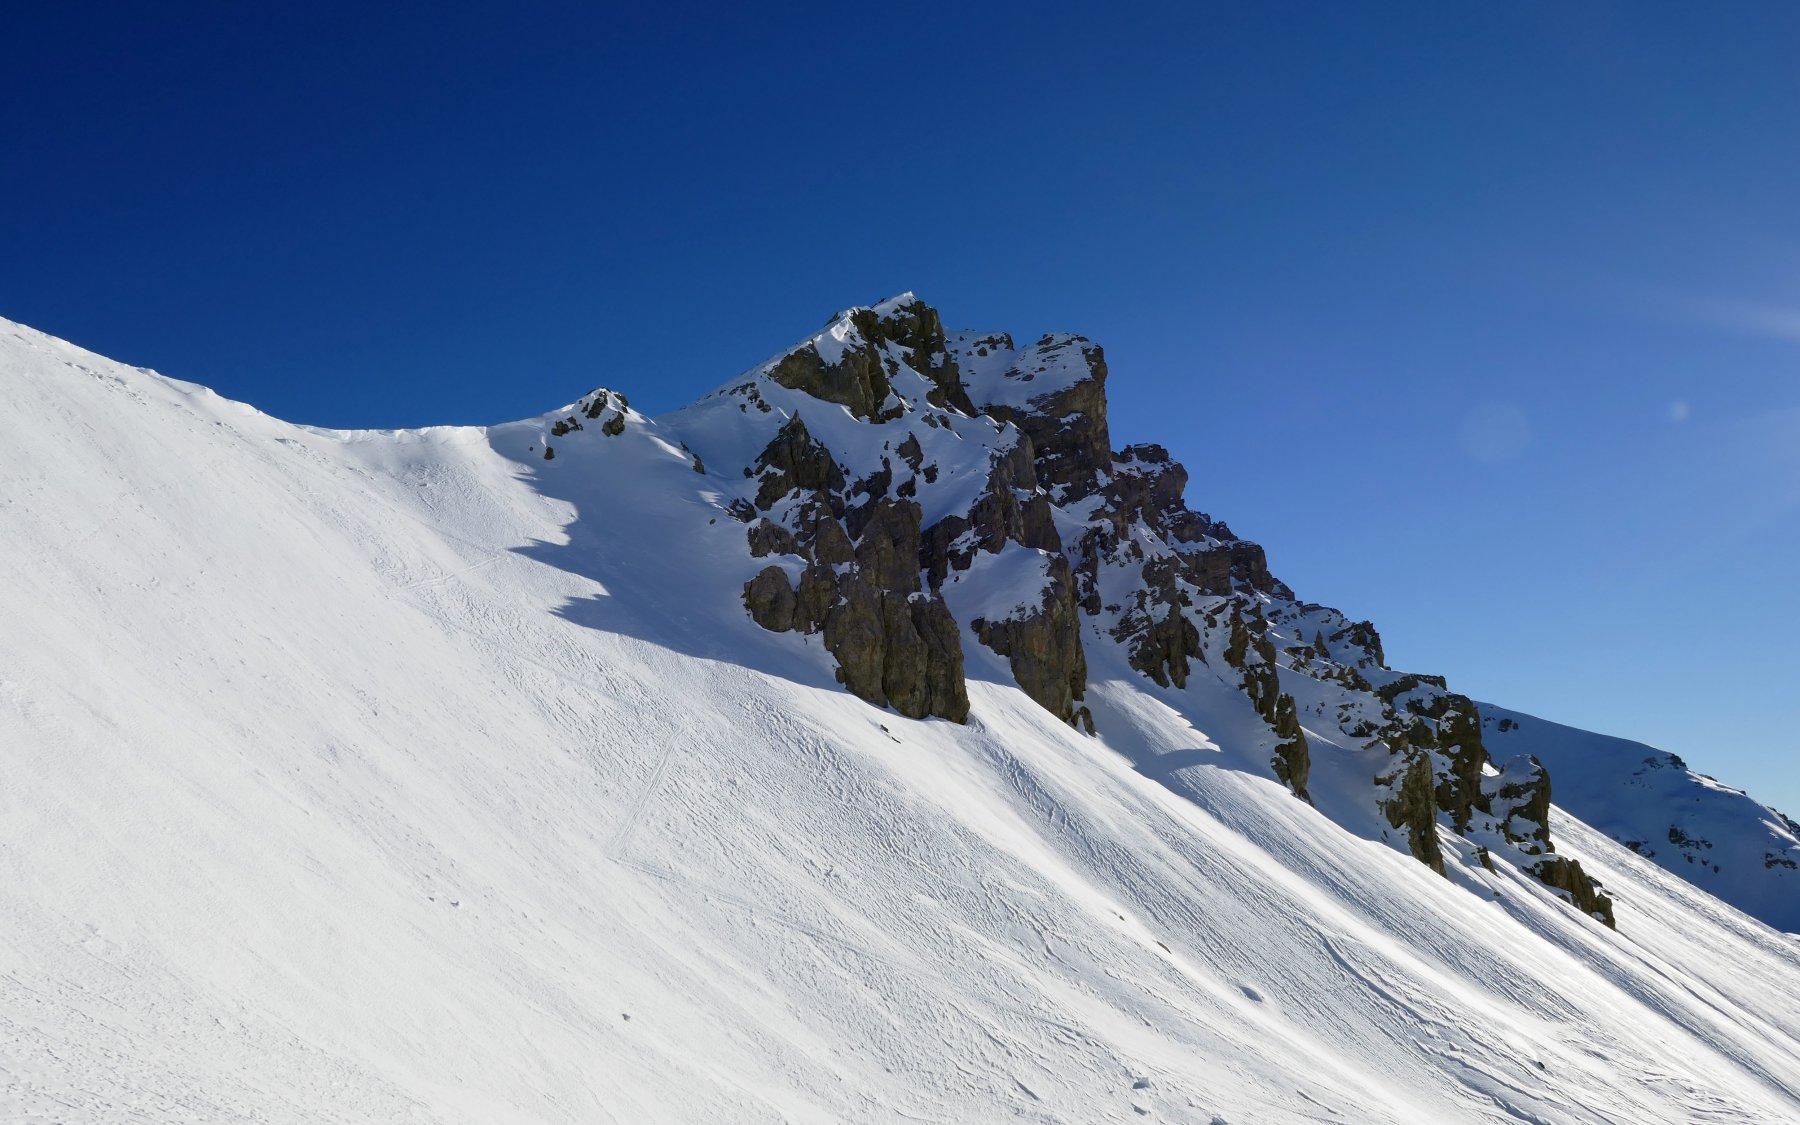 Punta Villadel e colle omonimo a sinistra, che sfrutterò a scendere